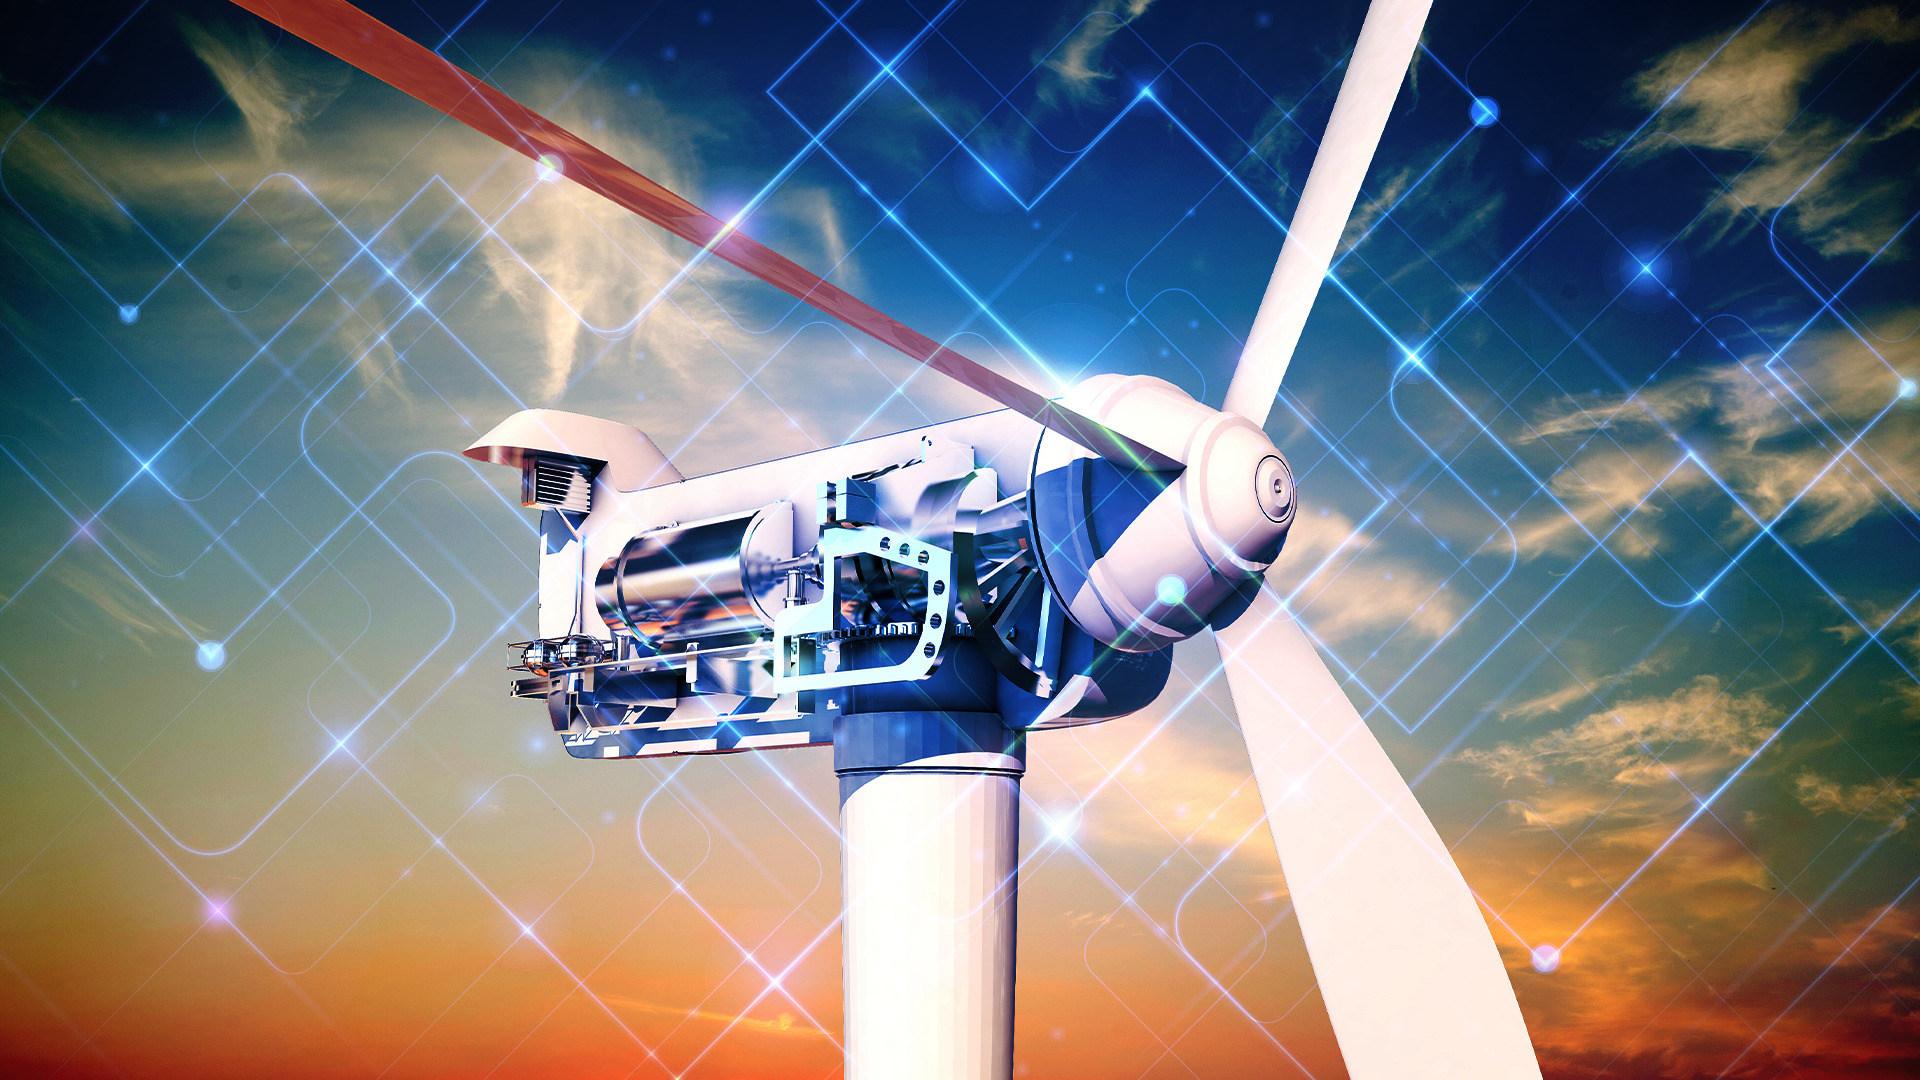 Energie, Strom, Stromversorgung, Umwelt, ökostrom, Umweltschutz, Stromnetz, Umweltfreundlich, Windkraft, Windenergie, wind, Stromerzeugung, Windenergieanlage, Windanlage, Windkraftanlage